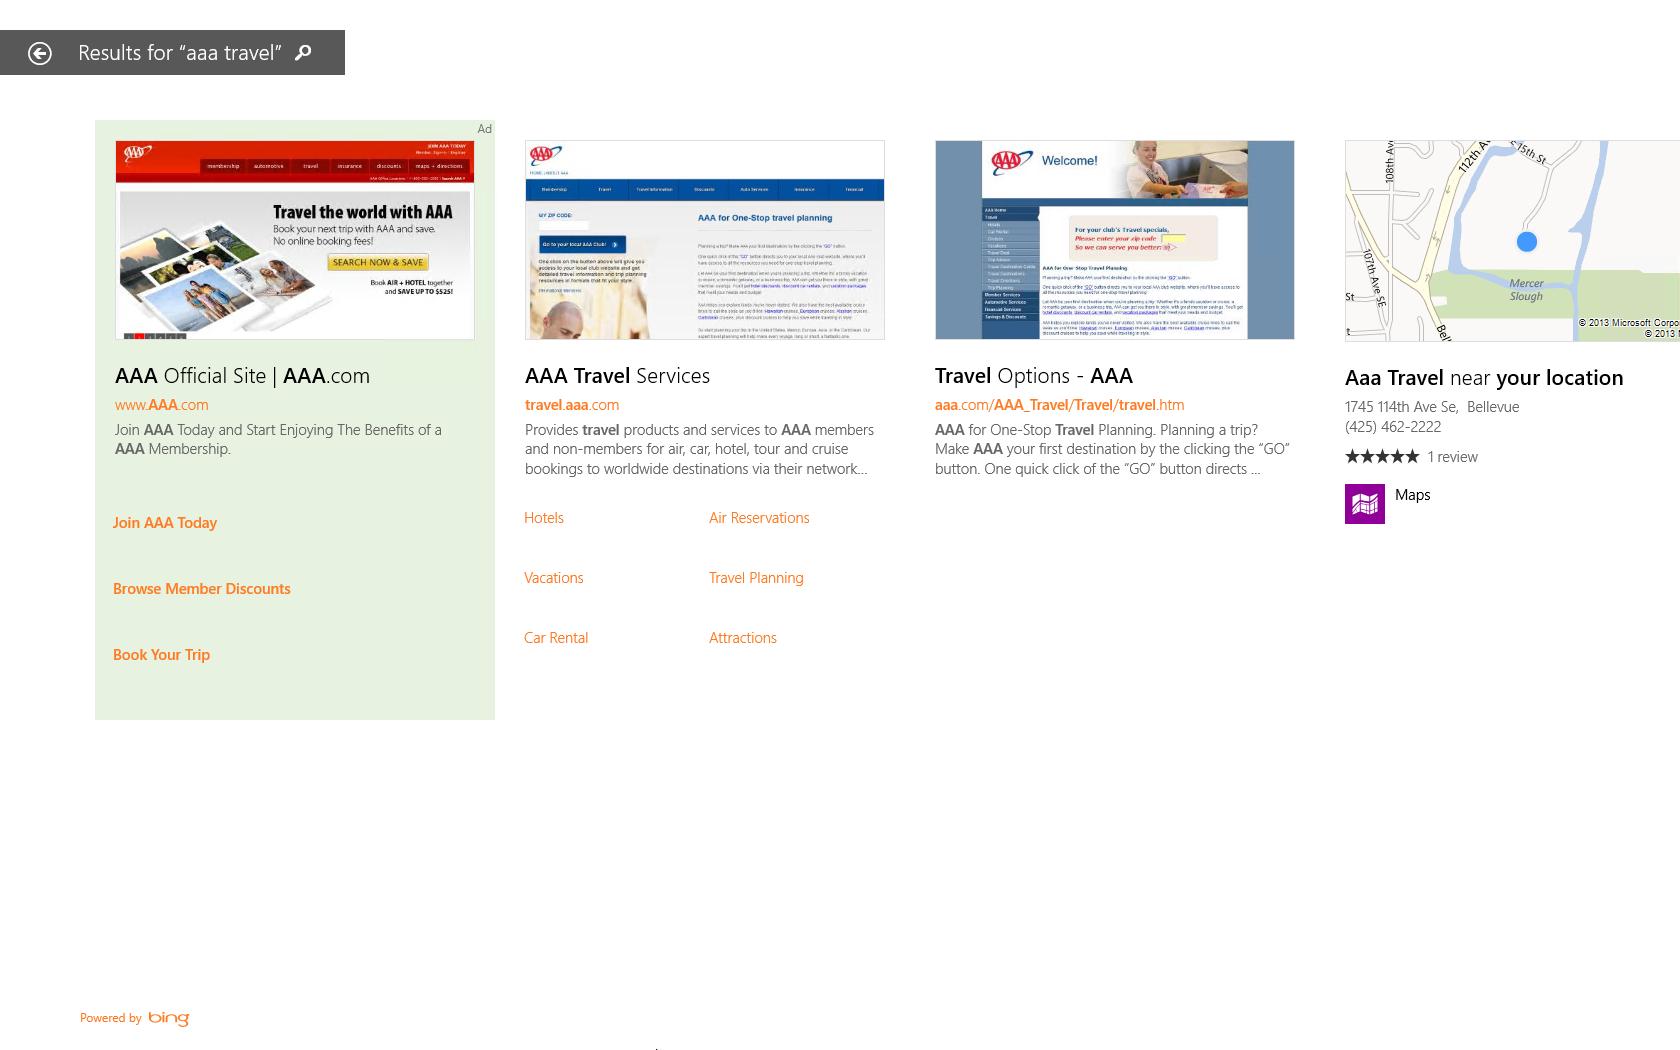 Microsoft mostrará anuncios en las búsquedas de Windows 8.1